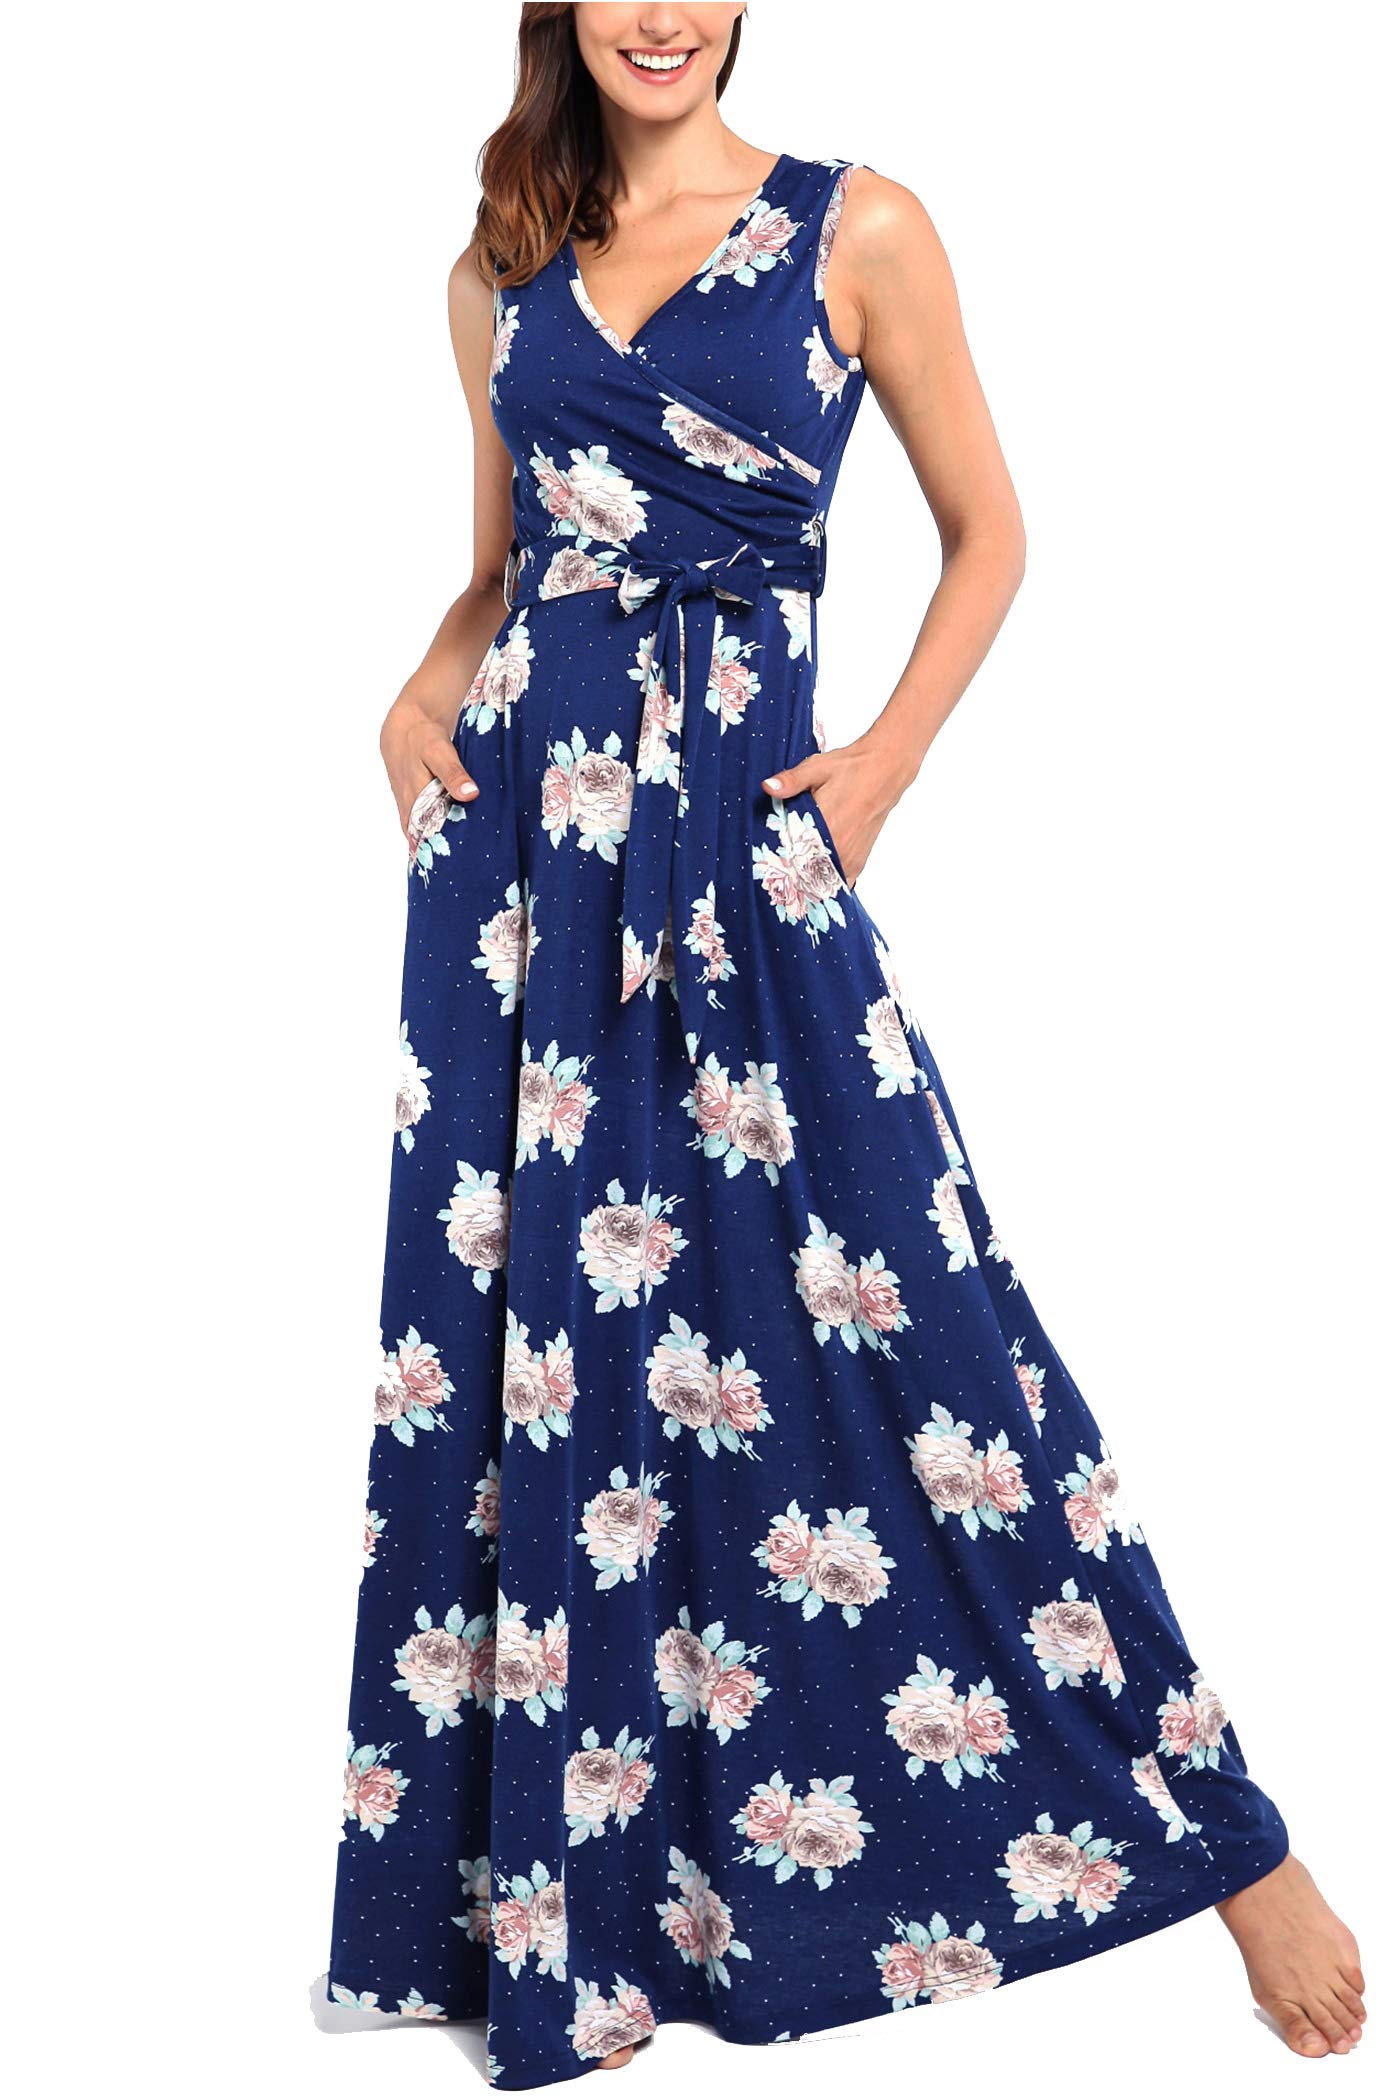 12de26fd2739 Galleon - Comila Plus Size Floral Maxi Dresses For Women